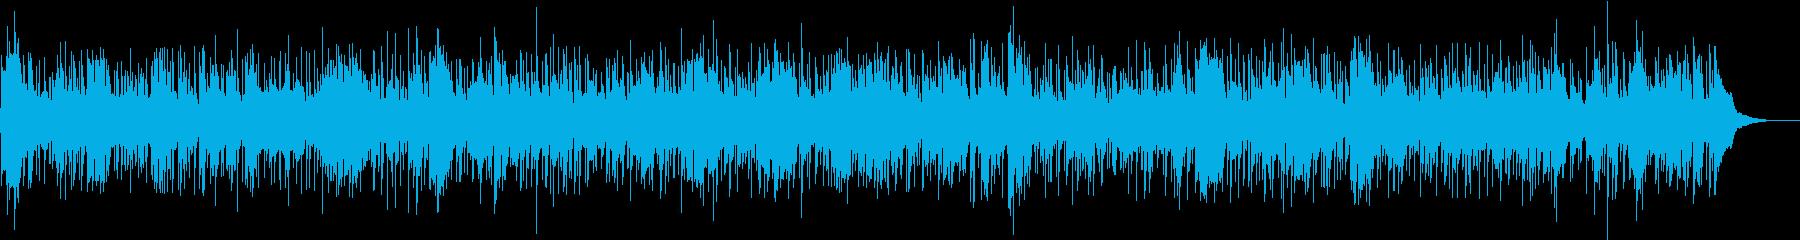 ハーモニカ中心の明るいフォークバンドの再生済みの波形